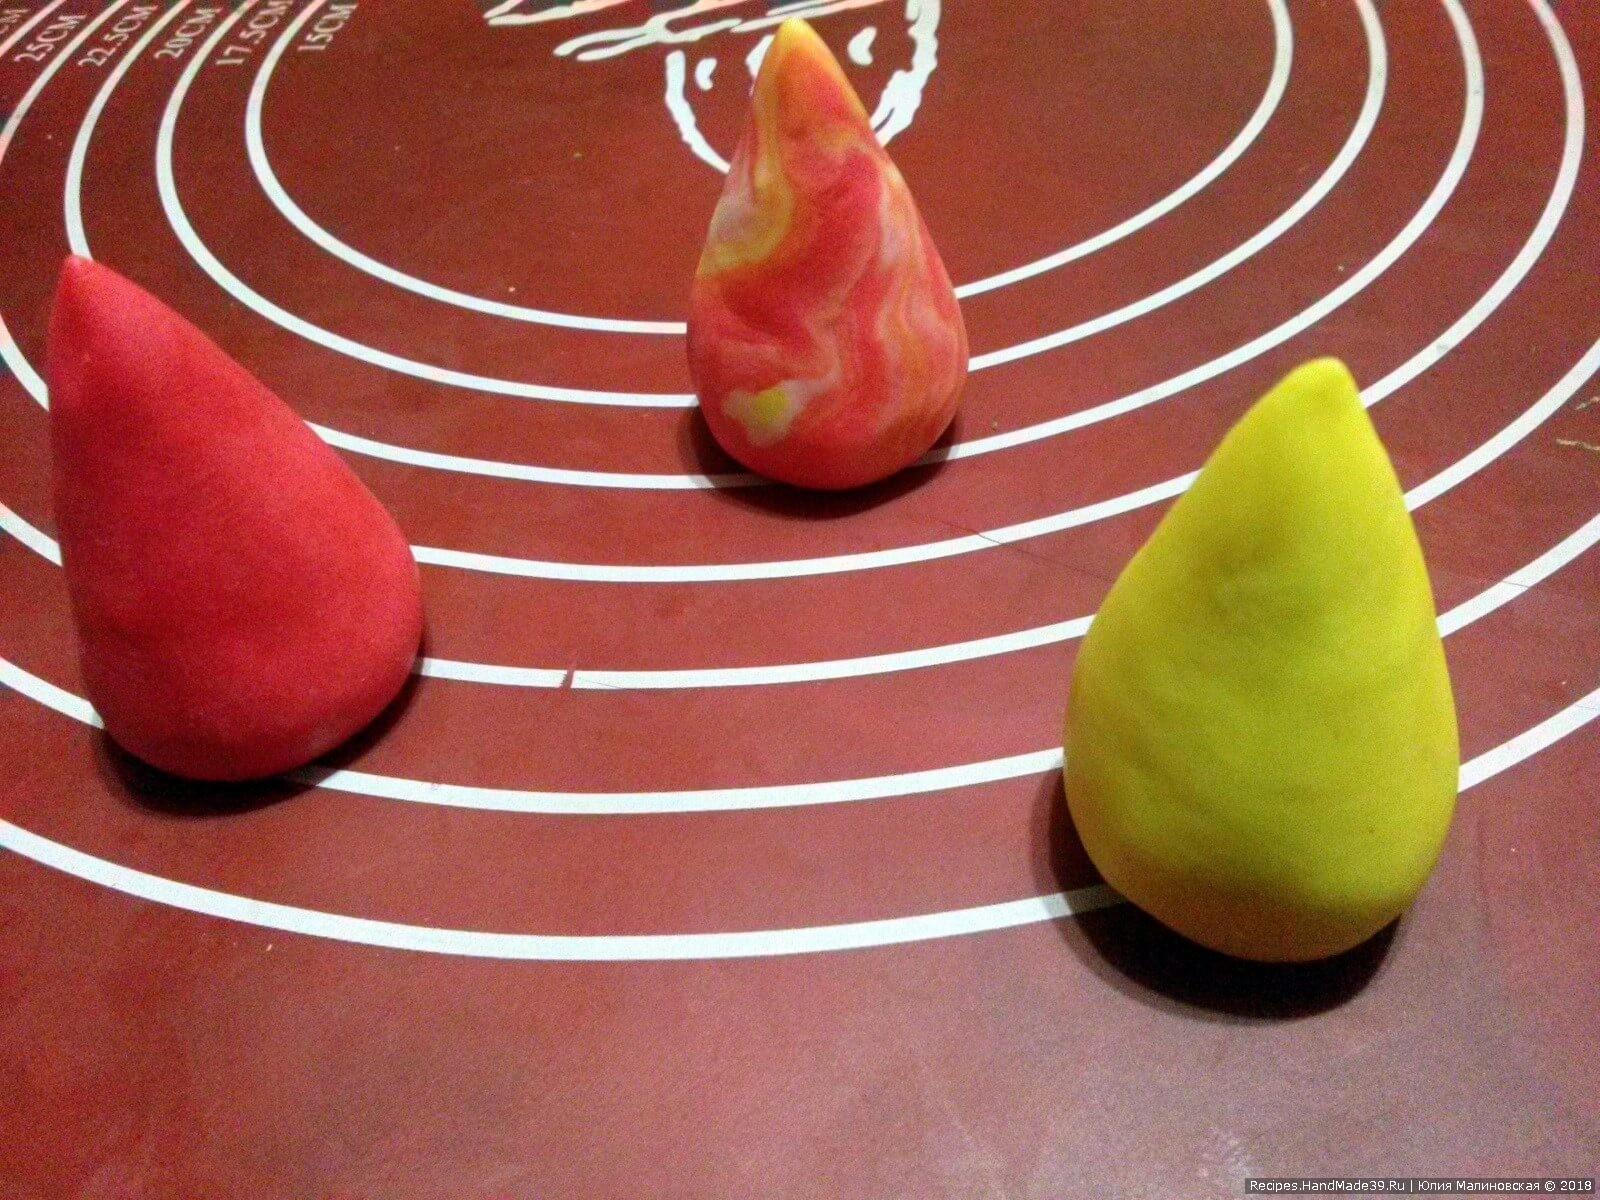 Сделать три конусообразные головки розового, жёлтого и мраморного цвета